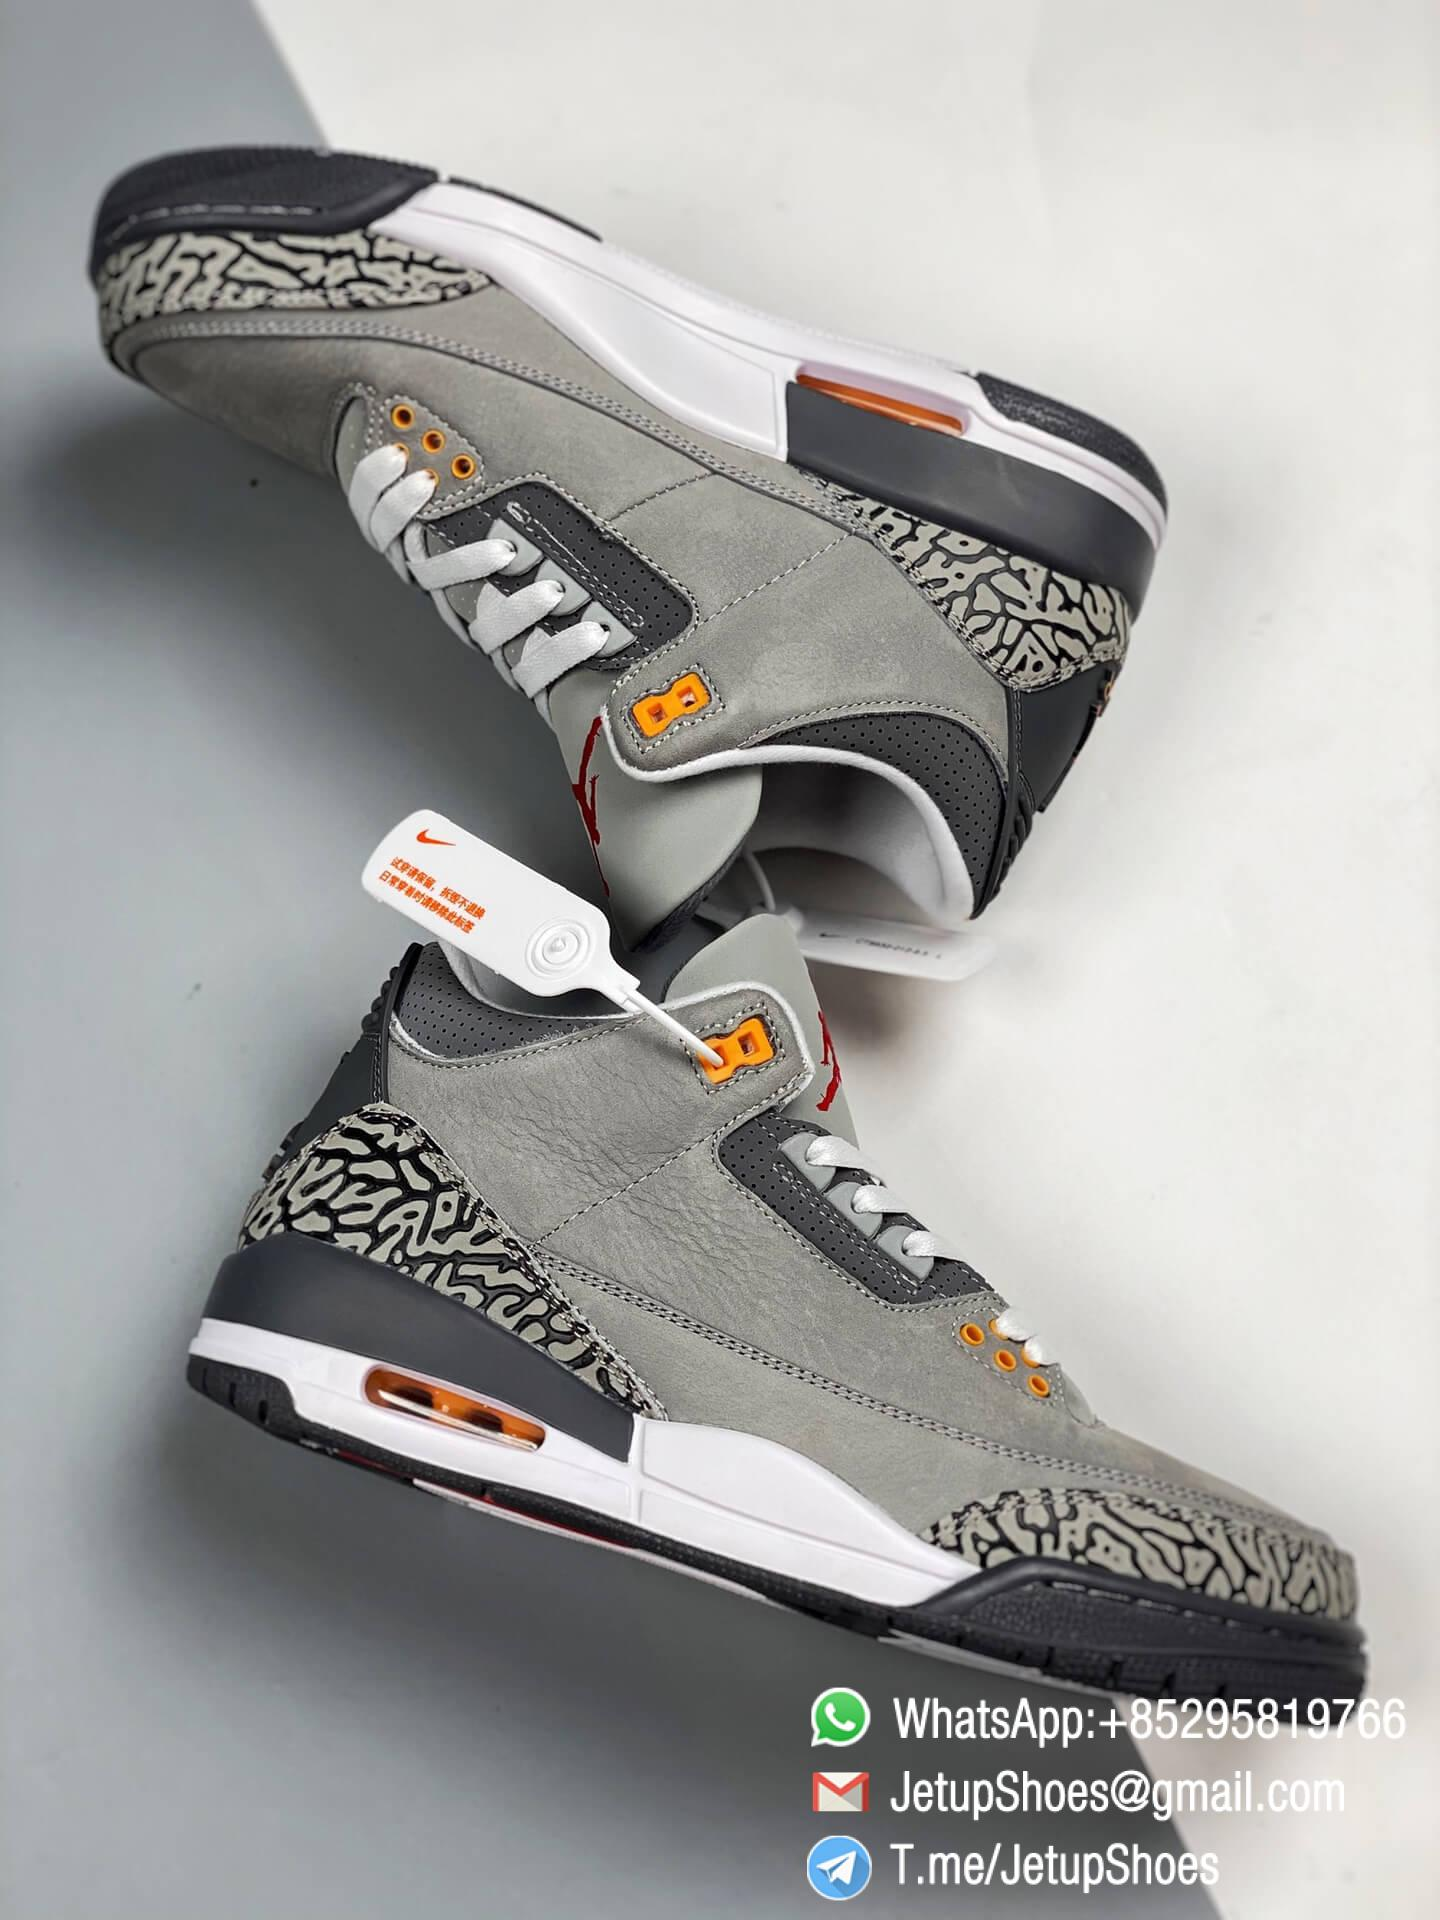 RepSneakers Air Jordan 3 Retro Cool Grey SKU CT8532 012 Grey Leather Upper Best Replica Sneakers 08